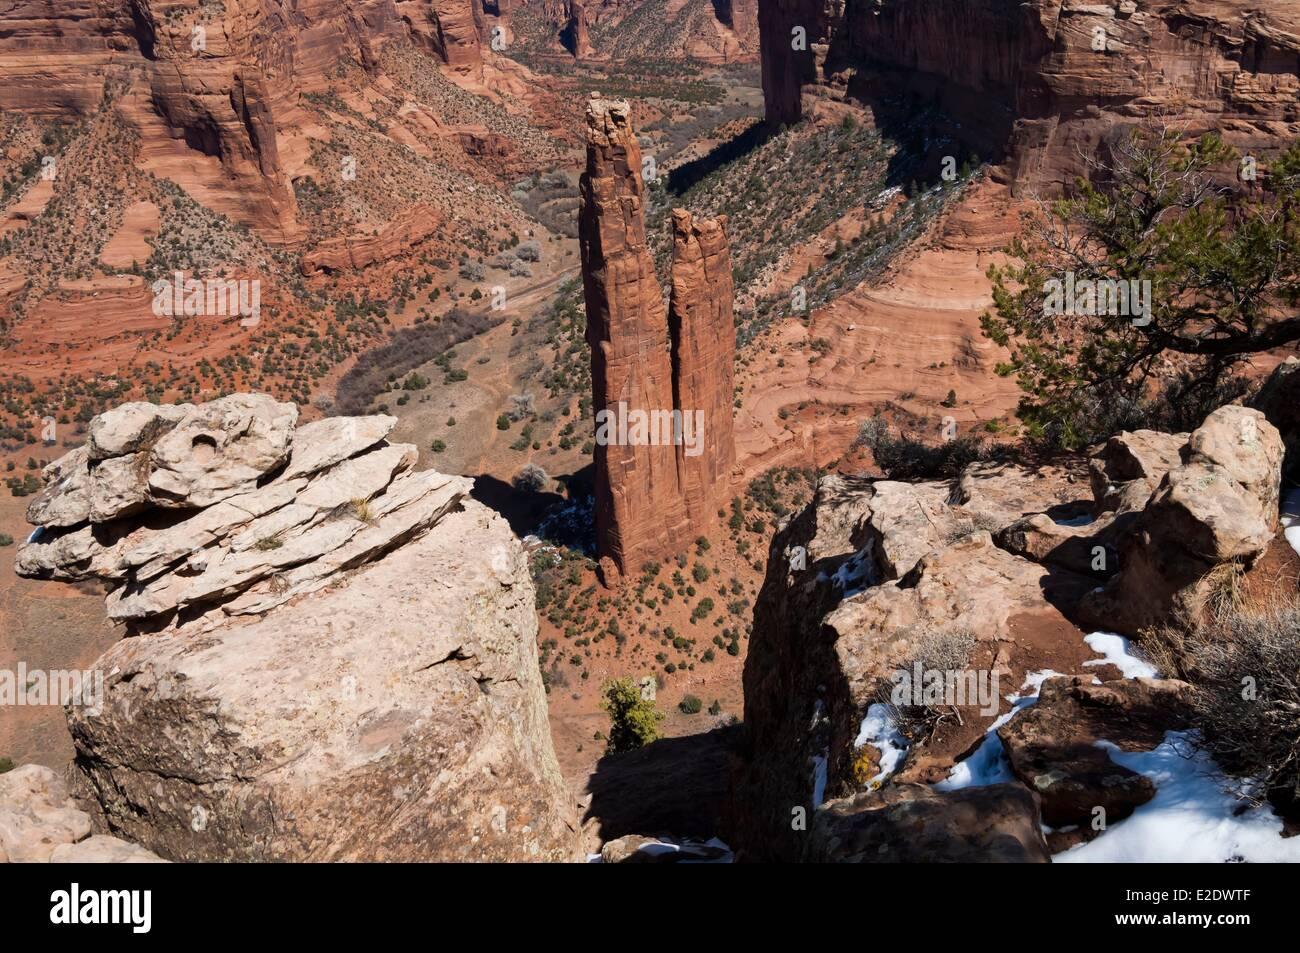 Stati Uniti Arizona Canyon De Chelly monumento nazionale Immagini Stock